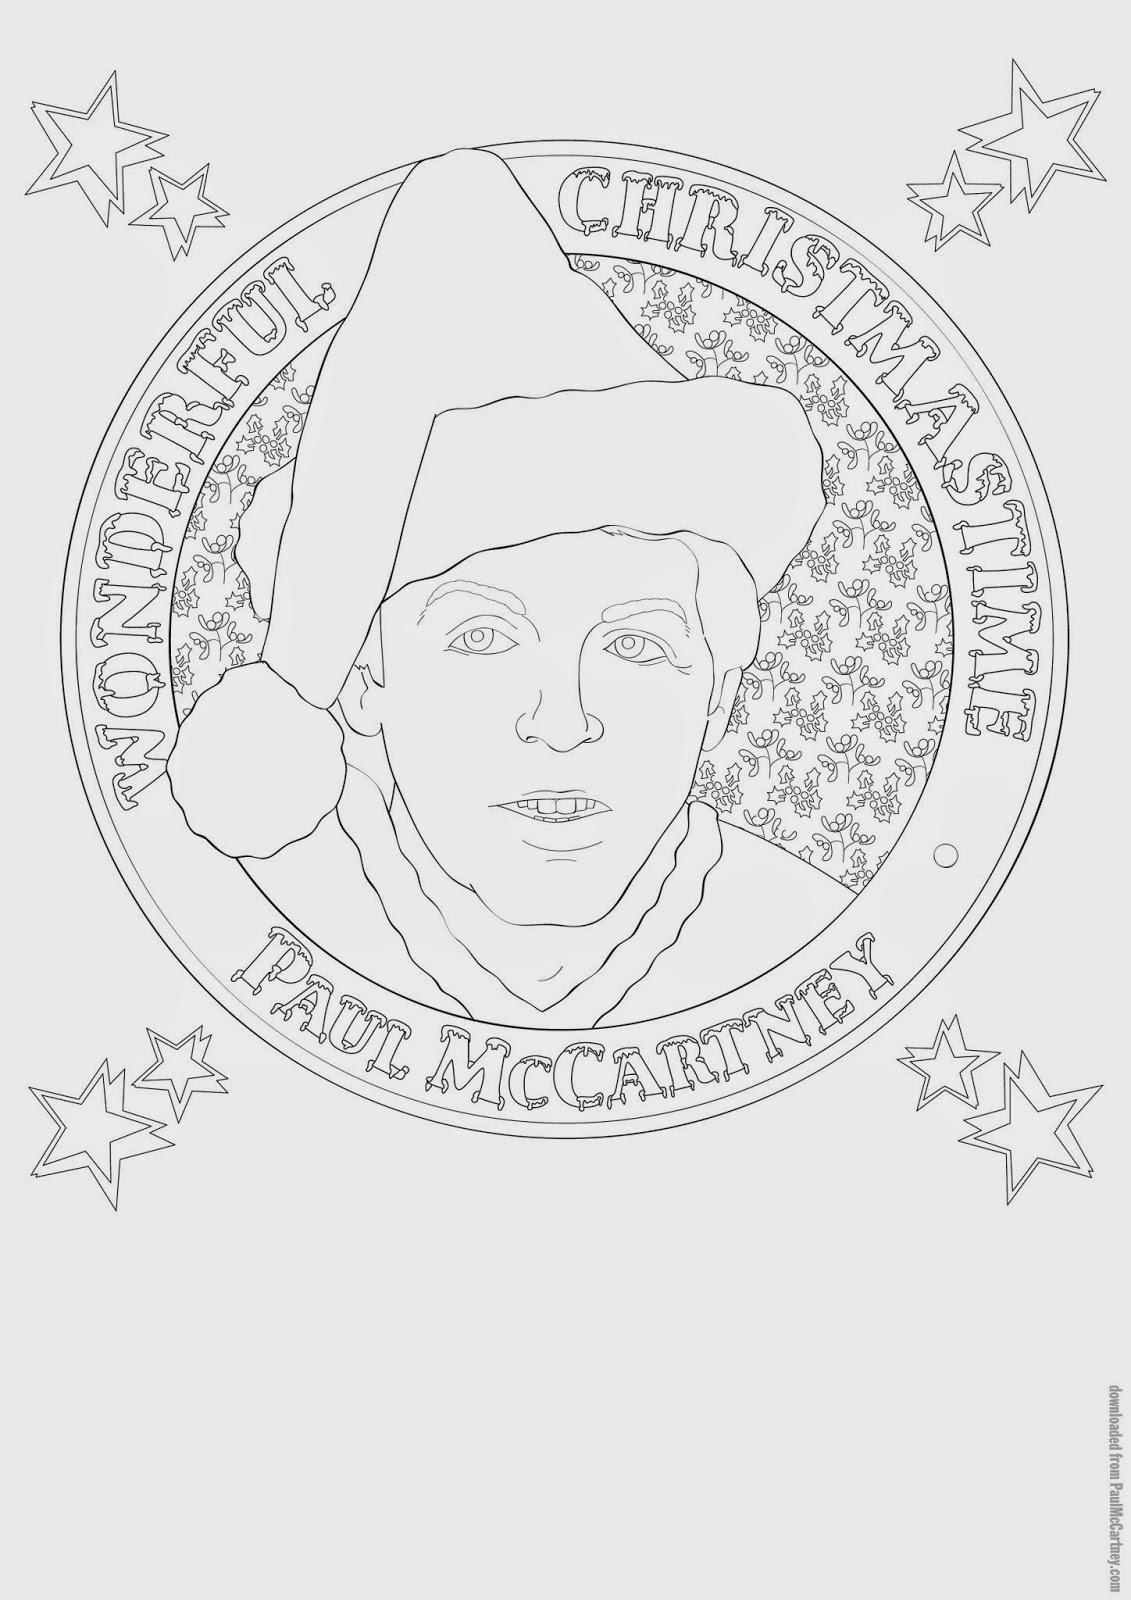 Único Sox Rojo Para Colorear Ilustración - Enmarcado Para Colorear ...